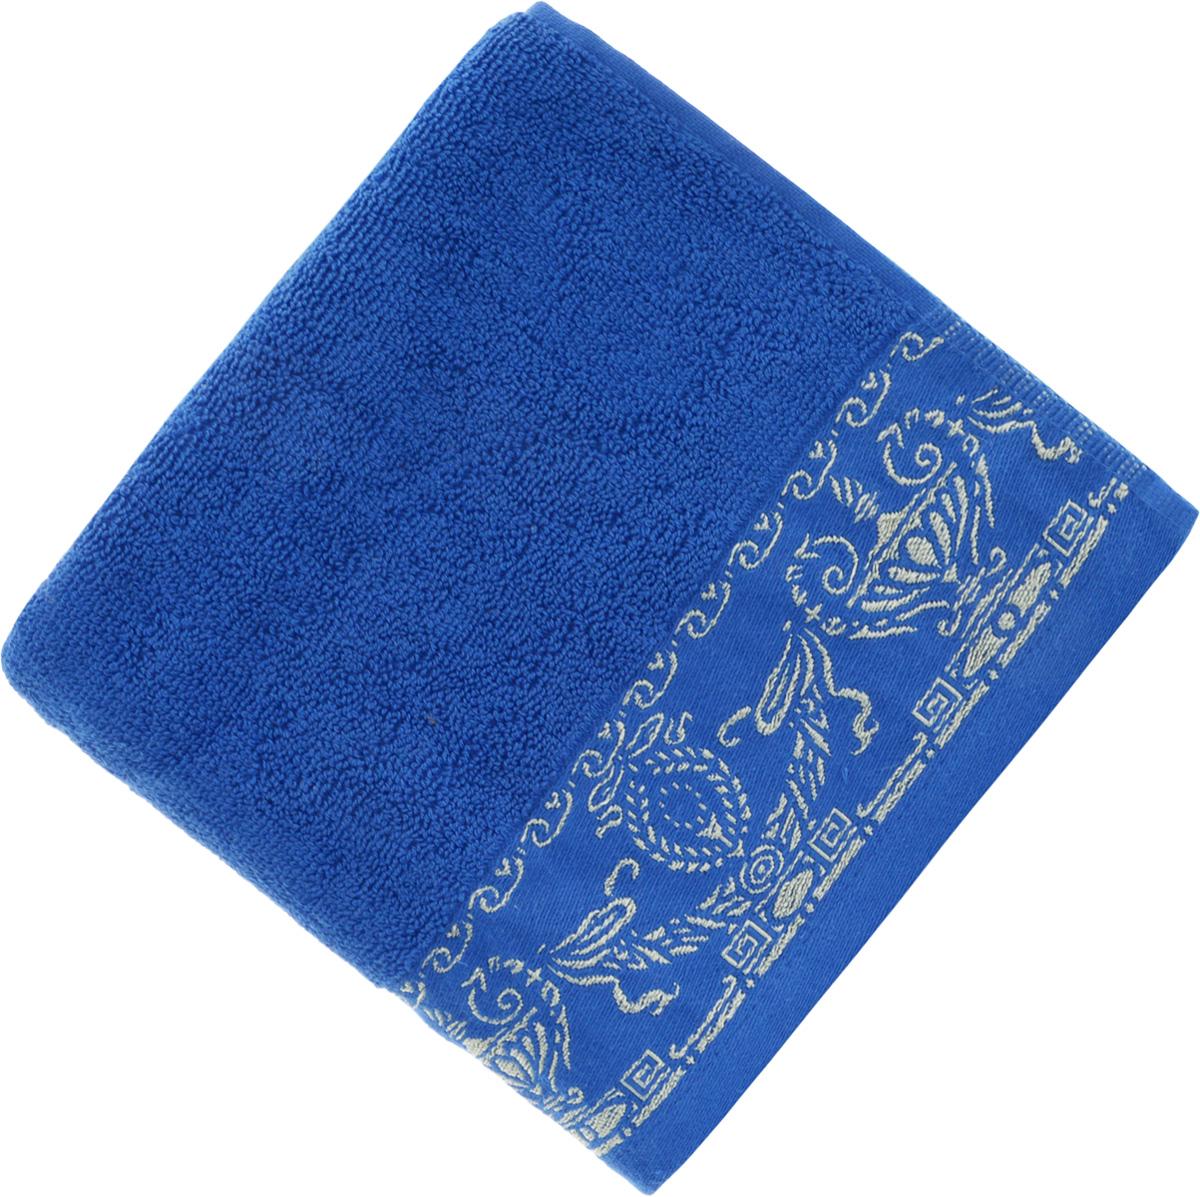 Полотенце Soavita Premium. Амфора, цвет: синий, 45 х 80 см66169Полотенце Soavita Premium. Амфора выполнено из 100% хлопка. Изделие отлично впитывает влагу, быстро сохнет, сохраняет яркость цвета и не теряет форму даже после многократных стирок. Полотенце очень практично и неприхотливо в уходе. Оно создаст прекрасное настроение и украсит интерьер в ванной комнате.